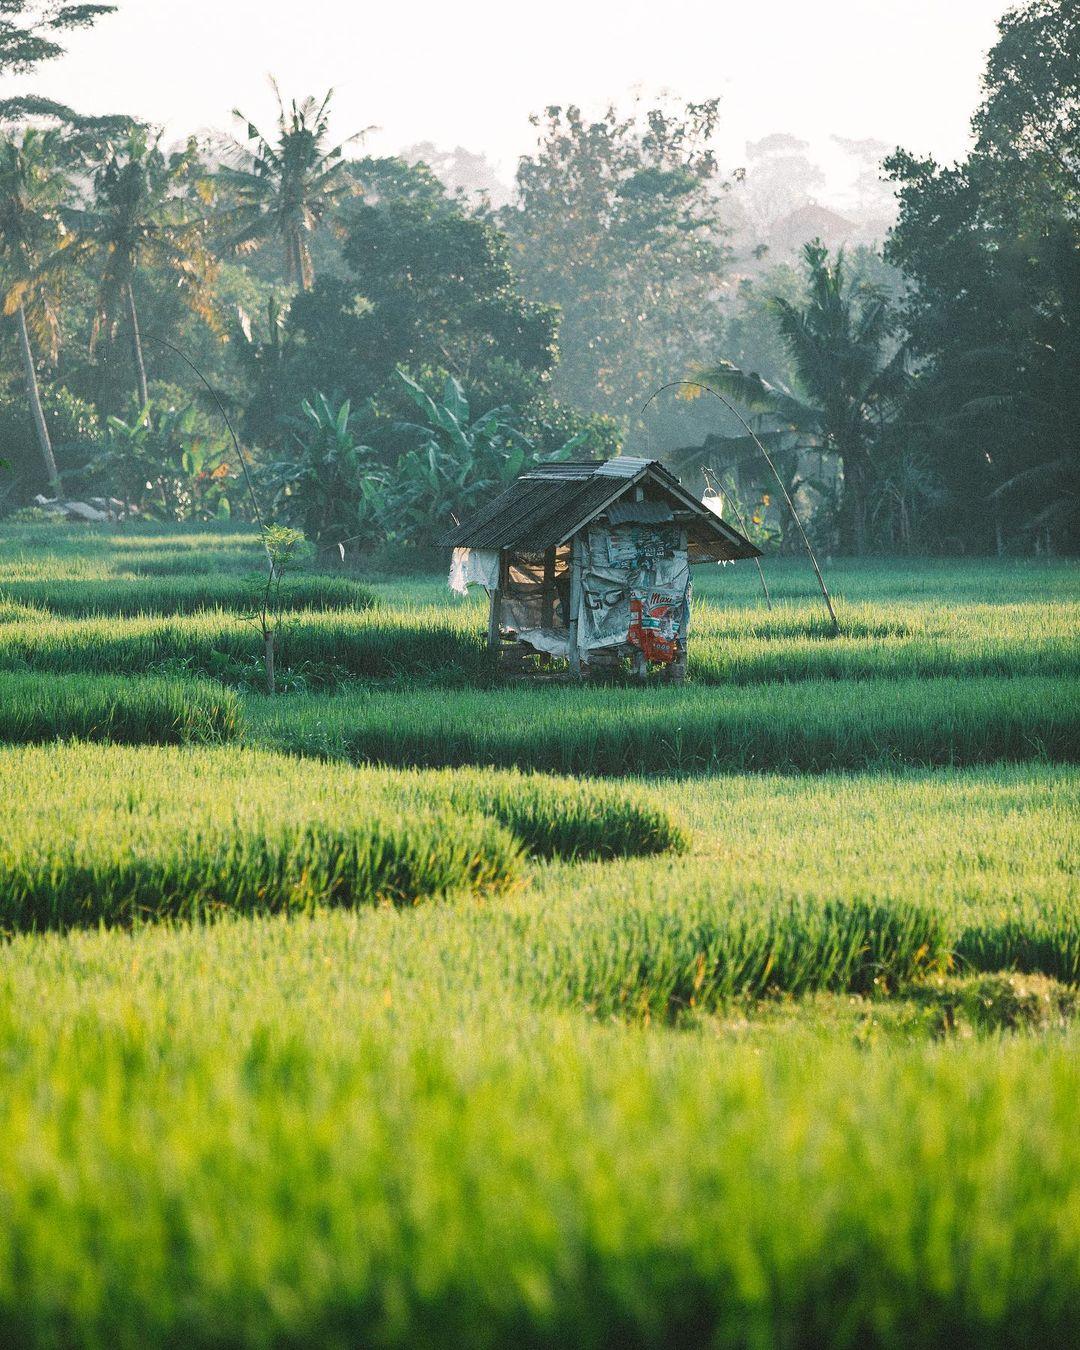 """Снимки из путешествий Суты Рахади, каждый из которых можно считать признанием в любви нашей планете Рахади, нашем, самом, сердце, люблю, фиксировать, моменты, происходящие, восхитительном, фотографий, райском, острове, Индонезии"""", говорит, фотограф, Читать, """"Находясь, свадебных, Rahady, фокусируется"""